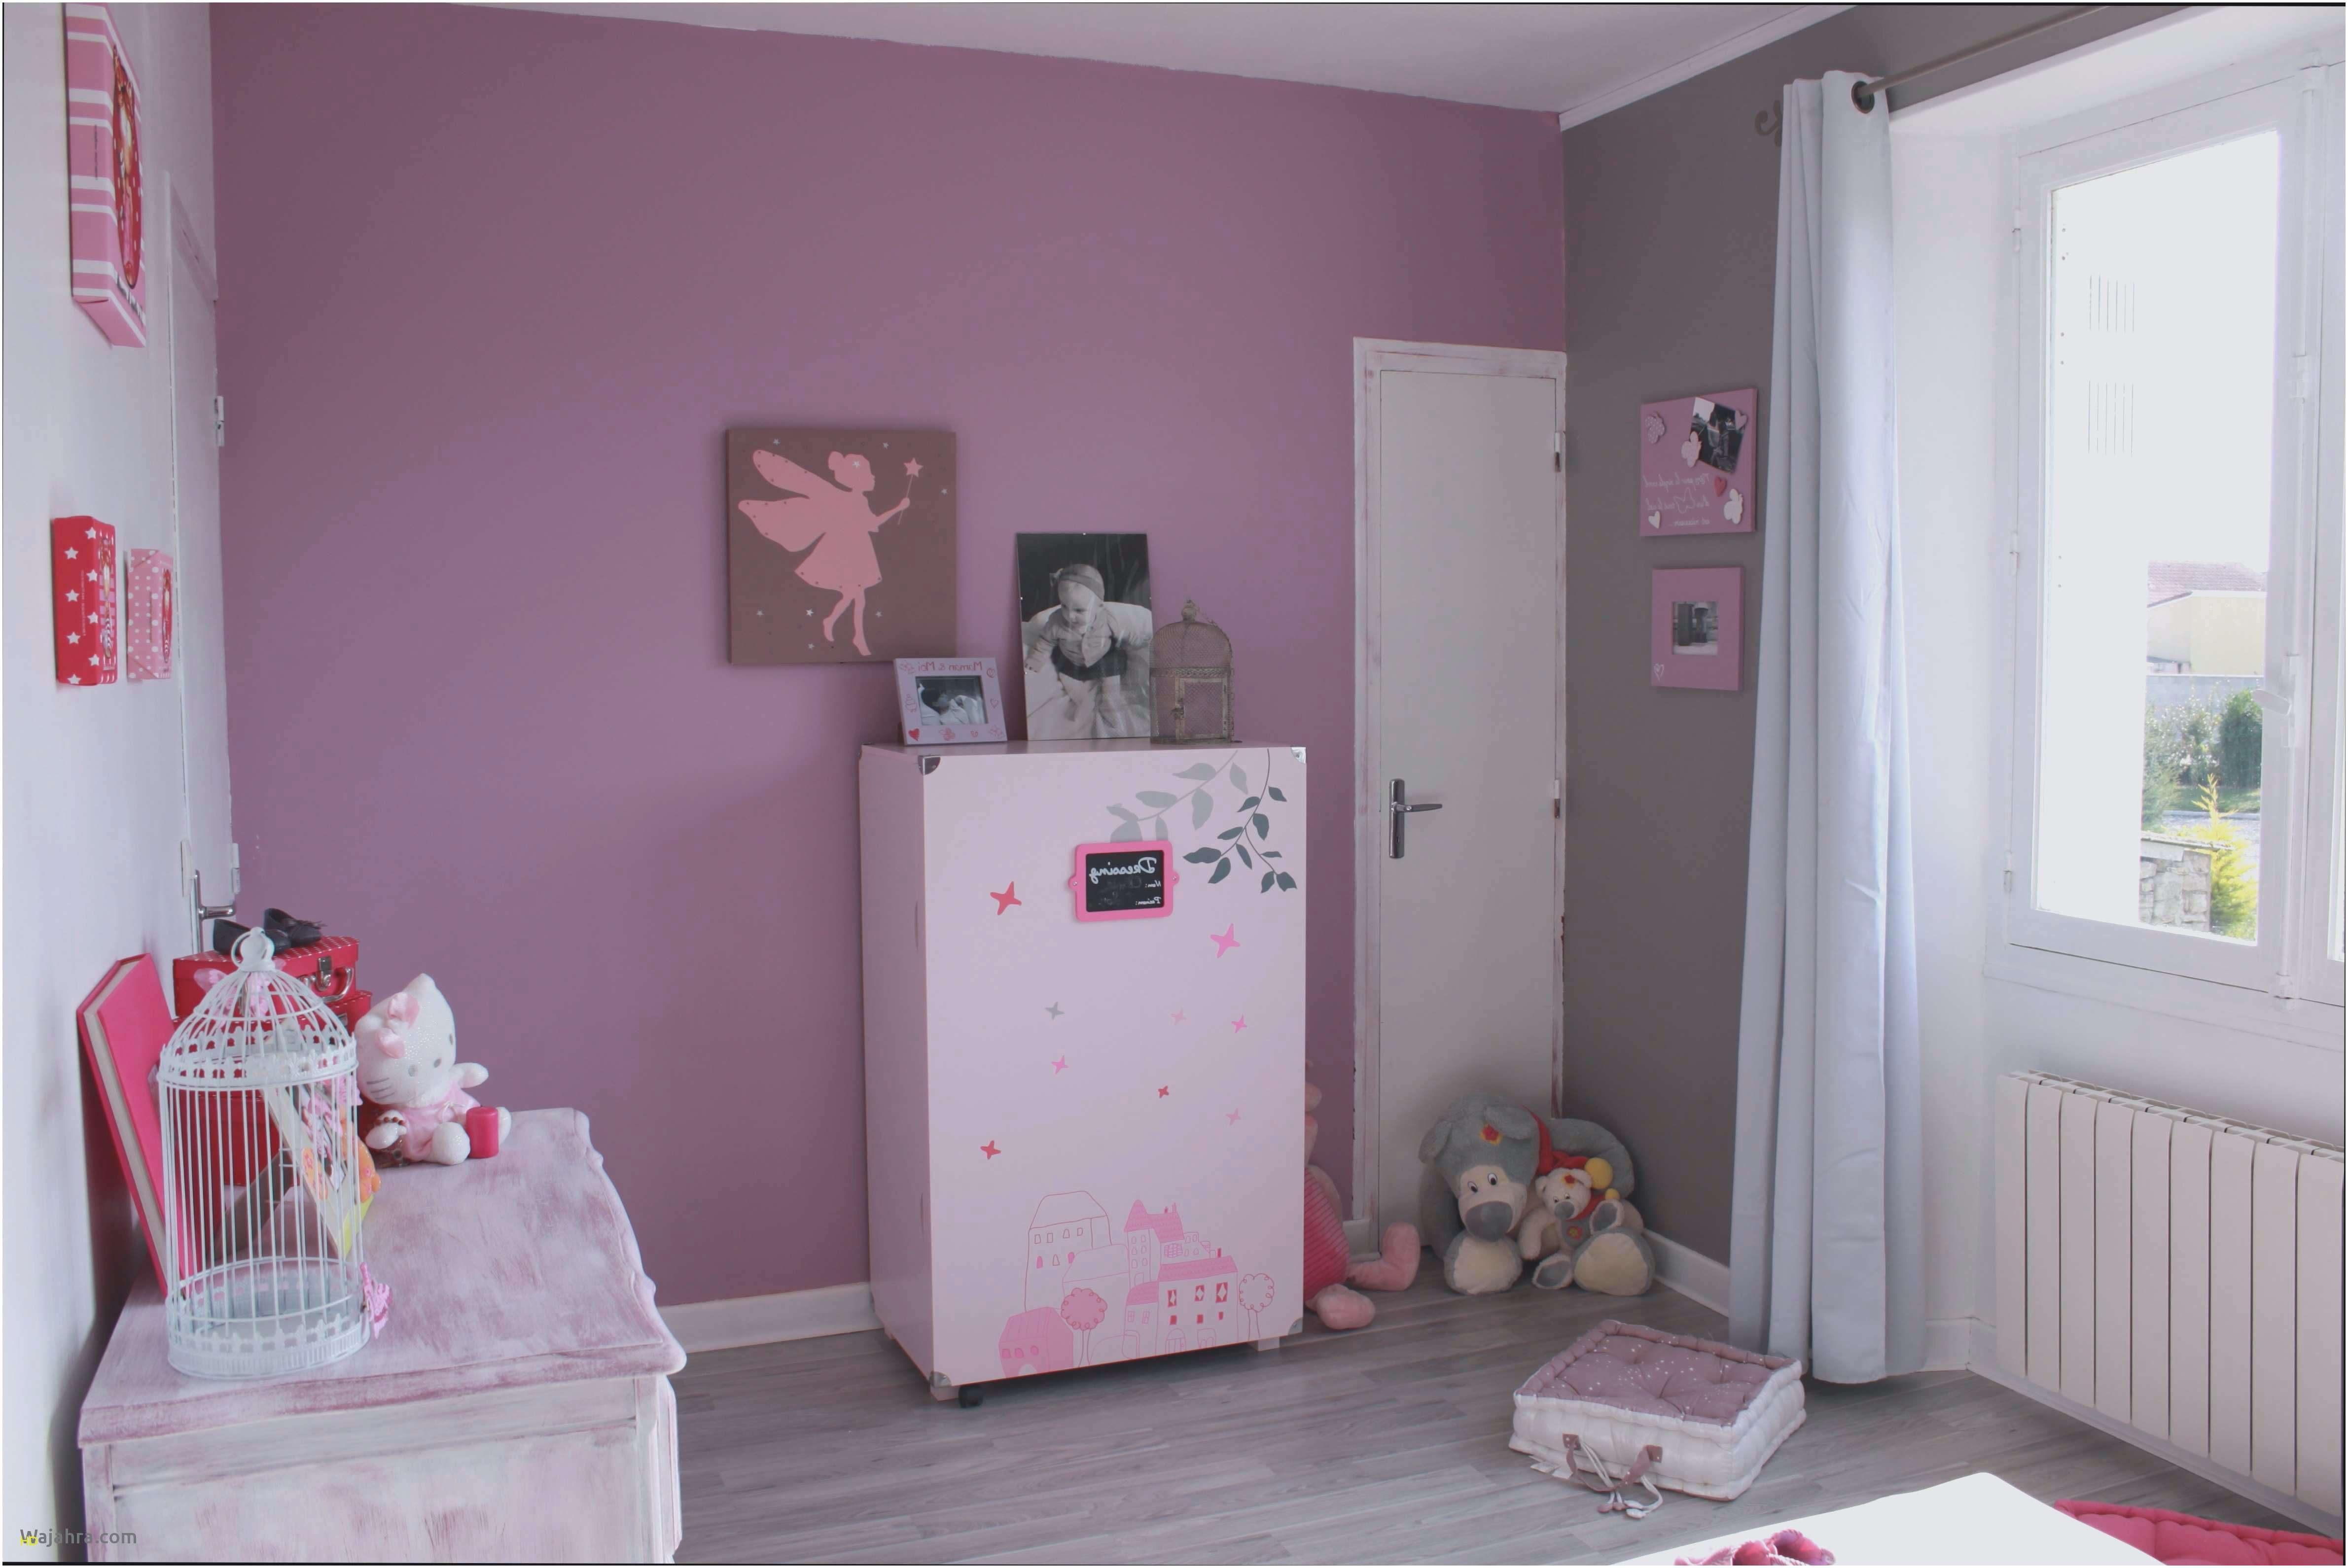 Voile Lit Bébé Élégant Unique Chambre Bébé Jumeaux Lit De Bébé Rideau Enfant Pas Cher 10